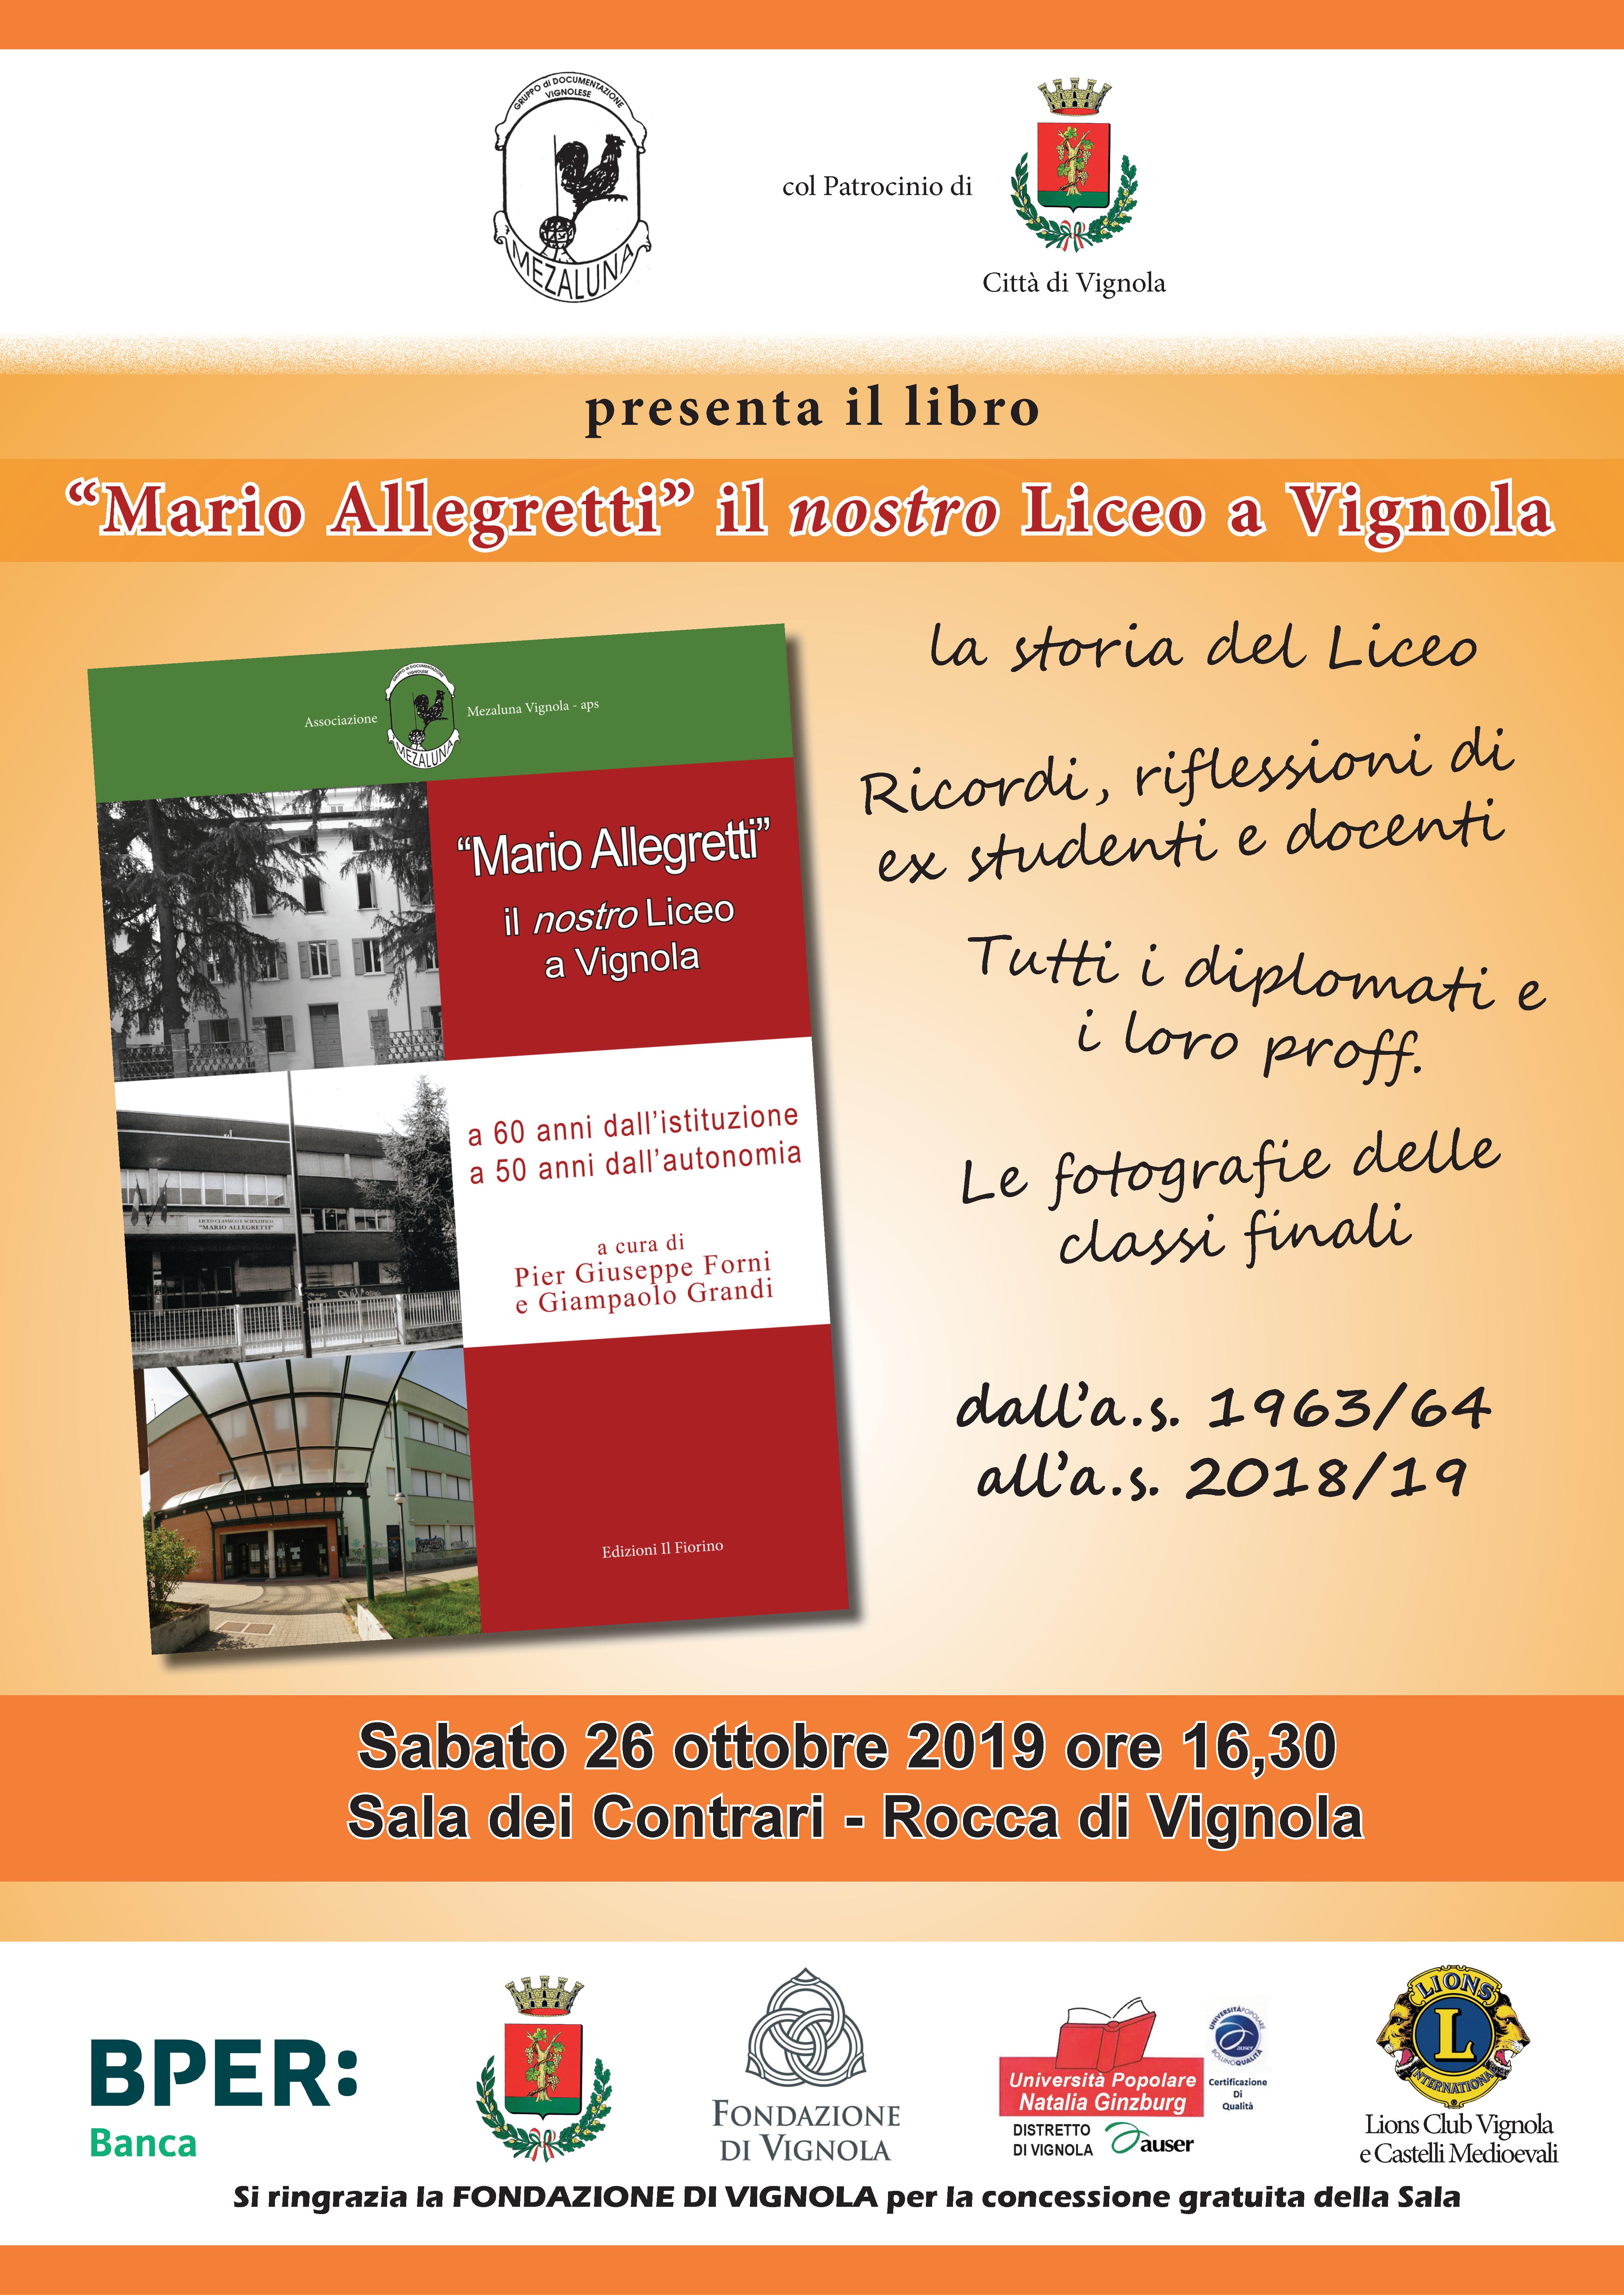 Volantino presentazione libro Mrio Allegretti il nostro Liceo a Vignola